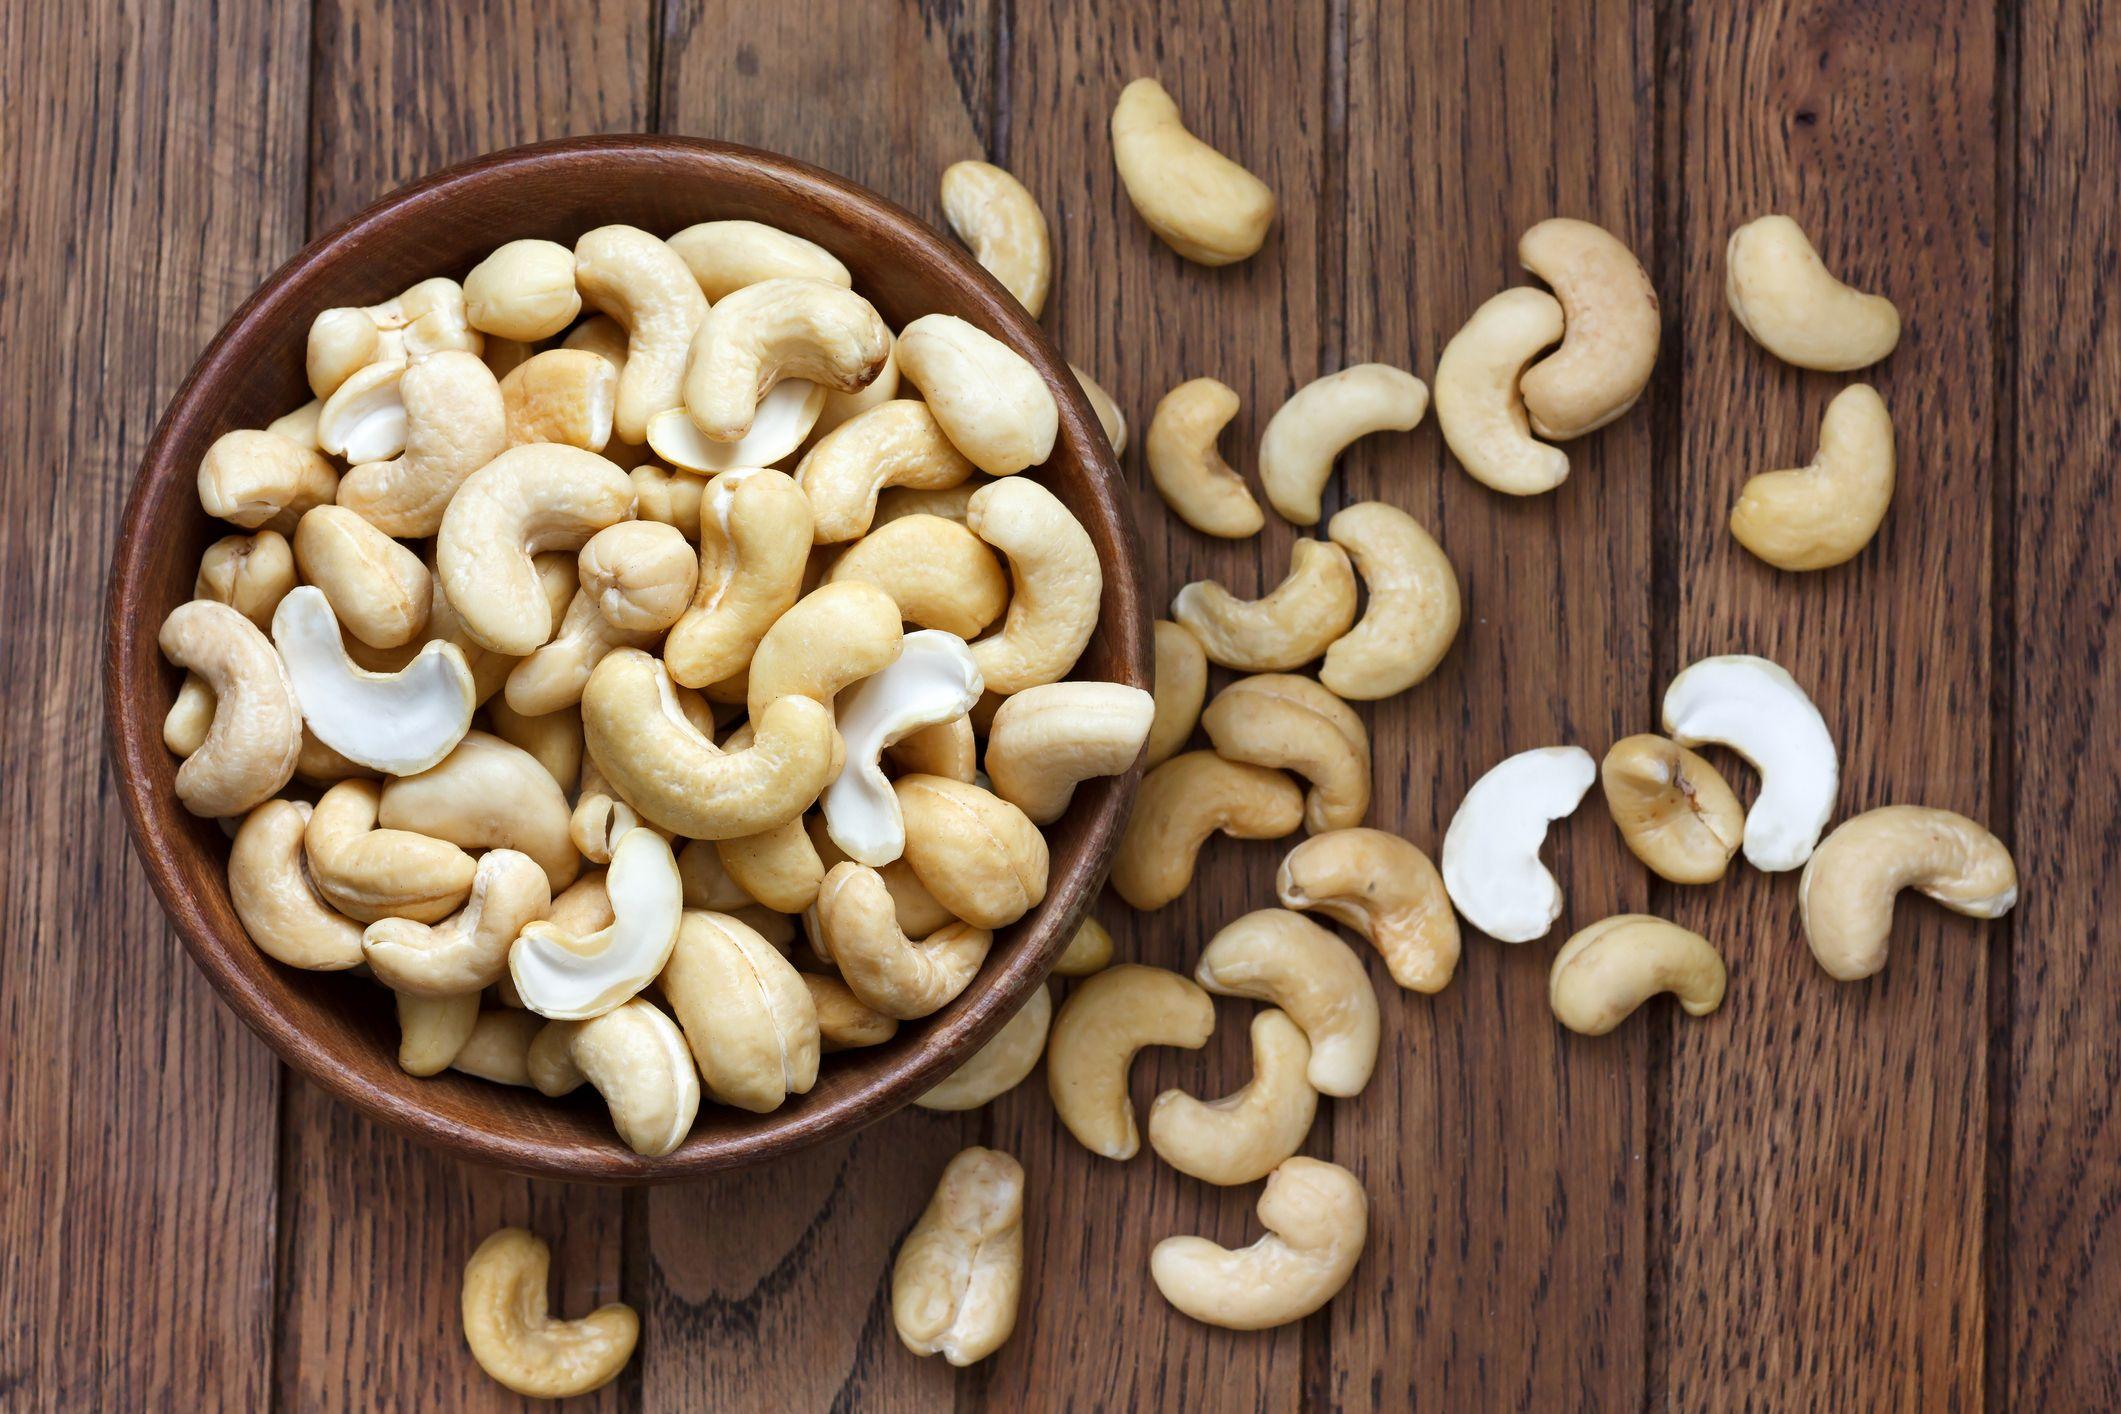 रोज विशिष्ट प्रमाणात काजू खाल्याने मधुमेहाचा धोका कमी होतो. त्यातील पाल्मोटीक अॅसिड गुड कॉलेस्ट्रॉल तयार करून रक्ताभिसरणात प्रवाह आणते.यात सोडिअम आणि पोटॅशिअमचे प्रमाण कमी असल्याने त्याने ब्लड प्रेशर नियंत्रणात राहते.